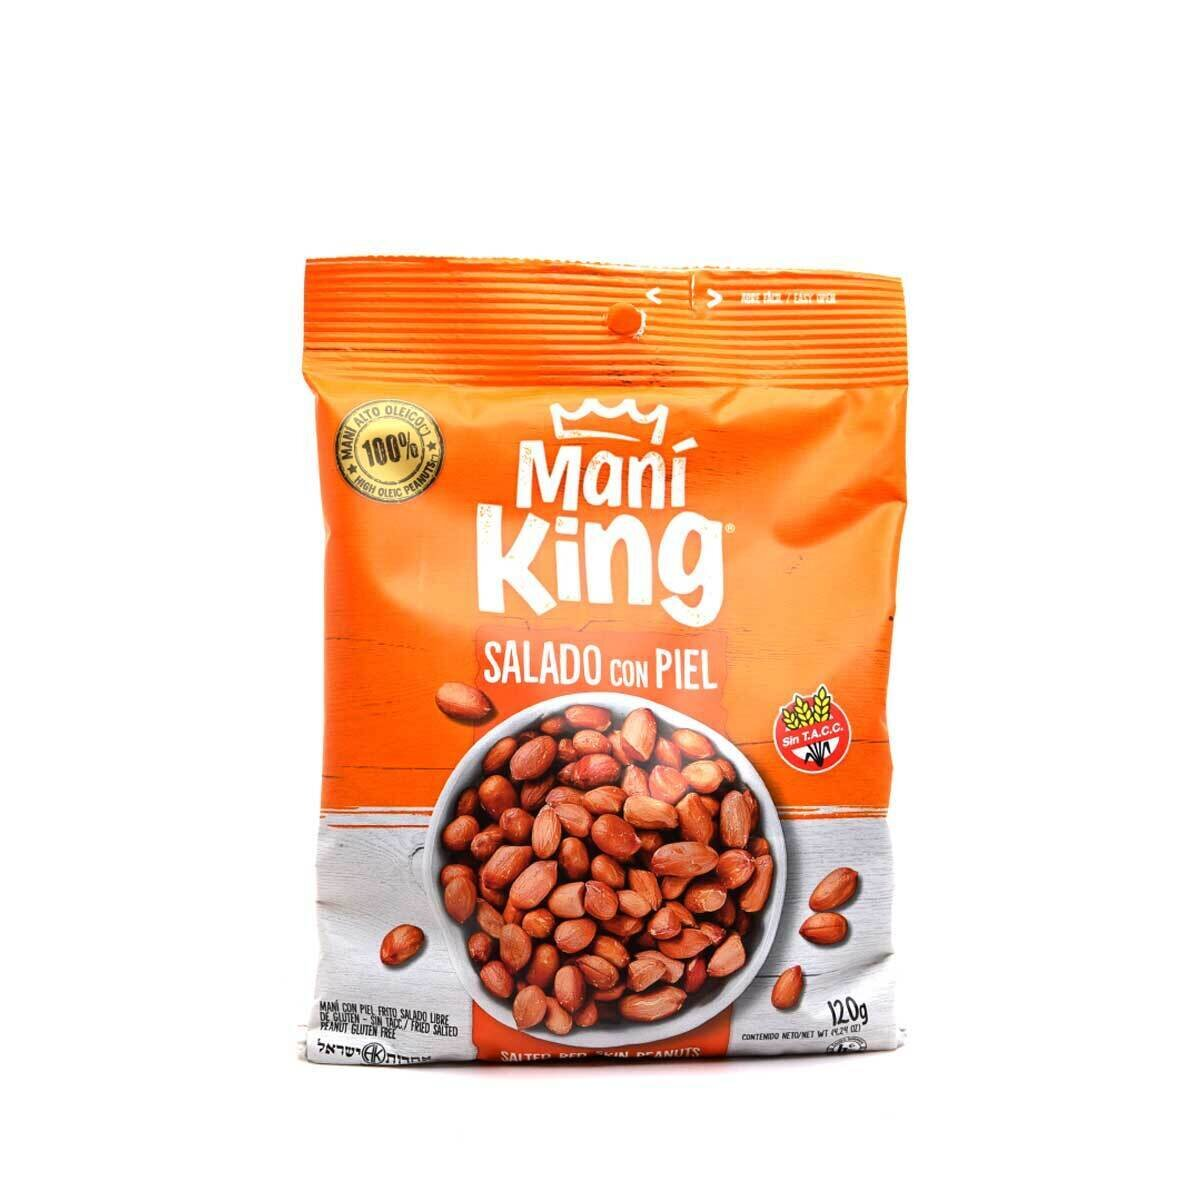 MANI KING FRITO C/PIEL x120grs